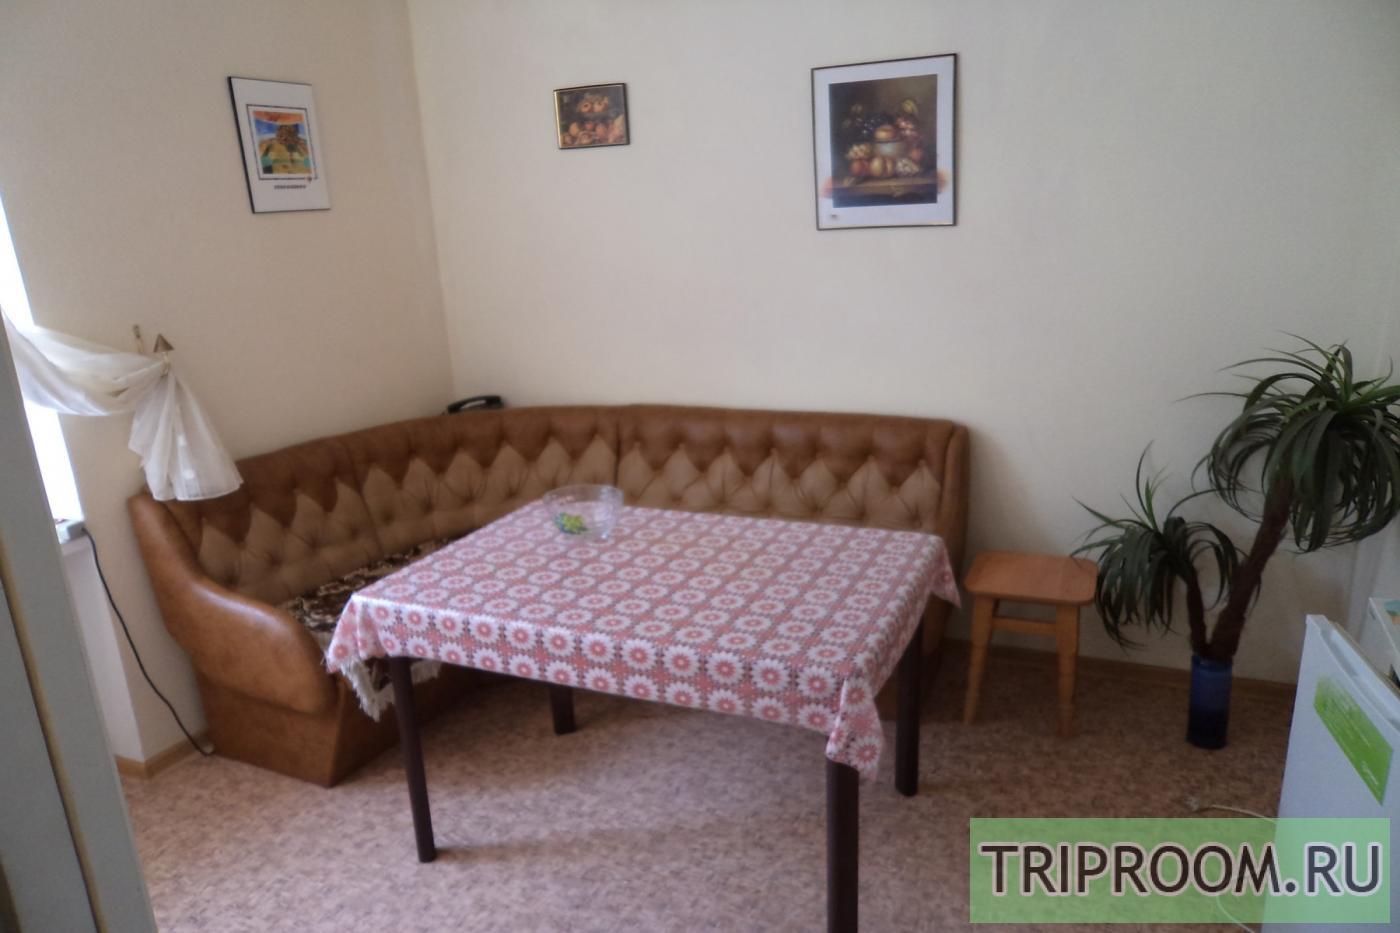 1-комнатная квартира посуточно (вариант № 23823), ул. БОльшая Морская улица, фото № 6